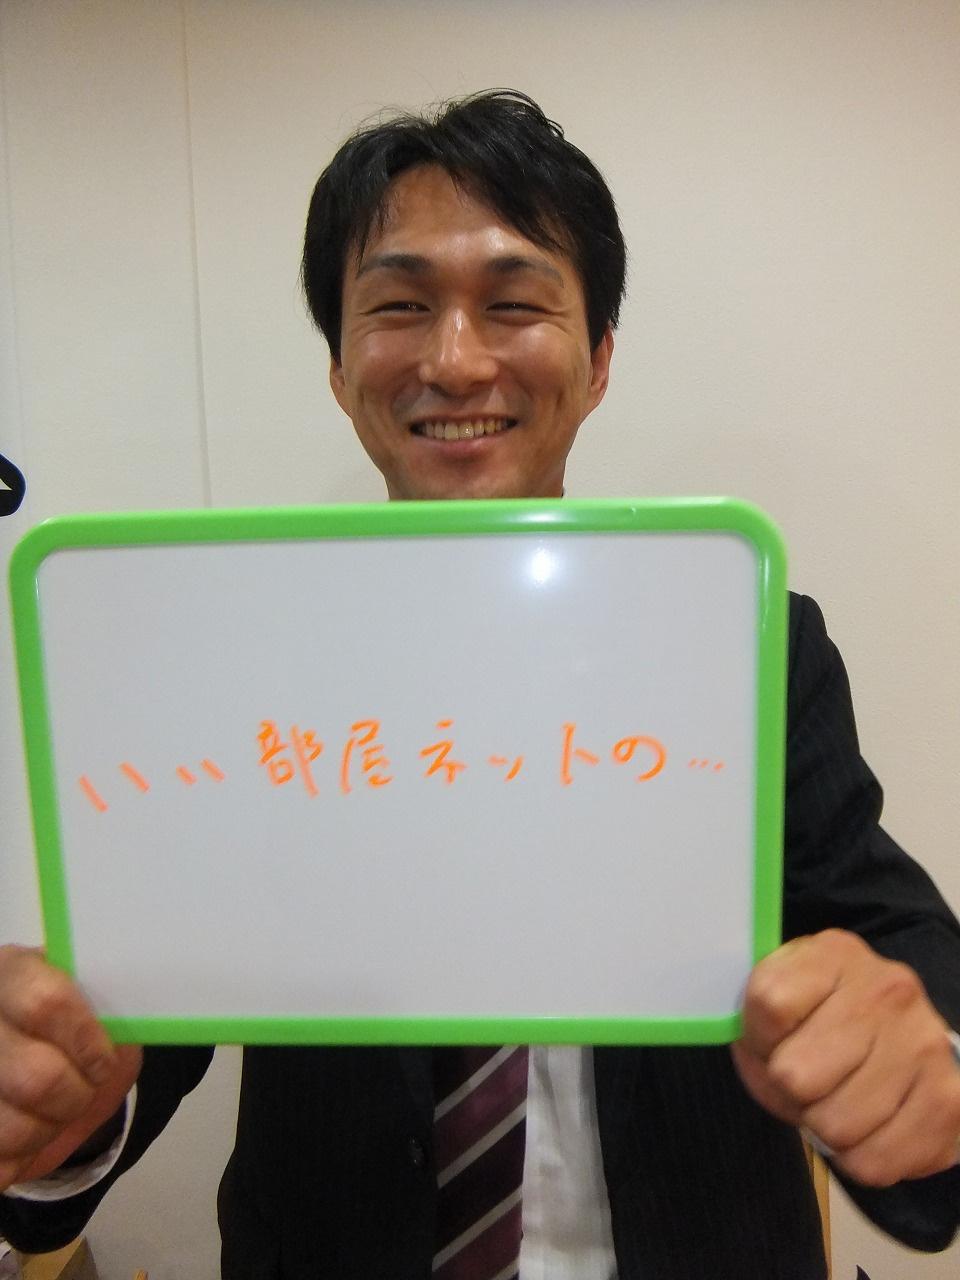 宮浦さんの画像